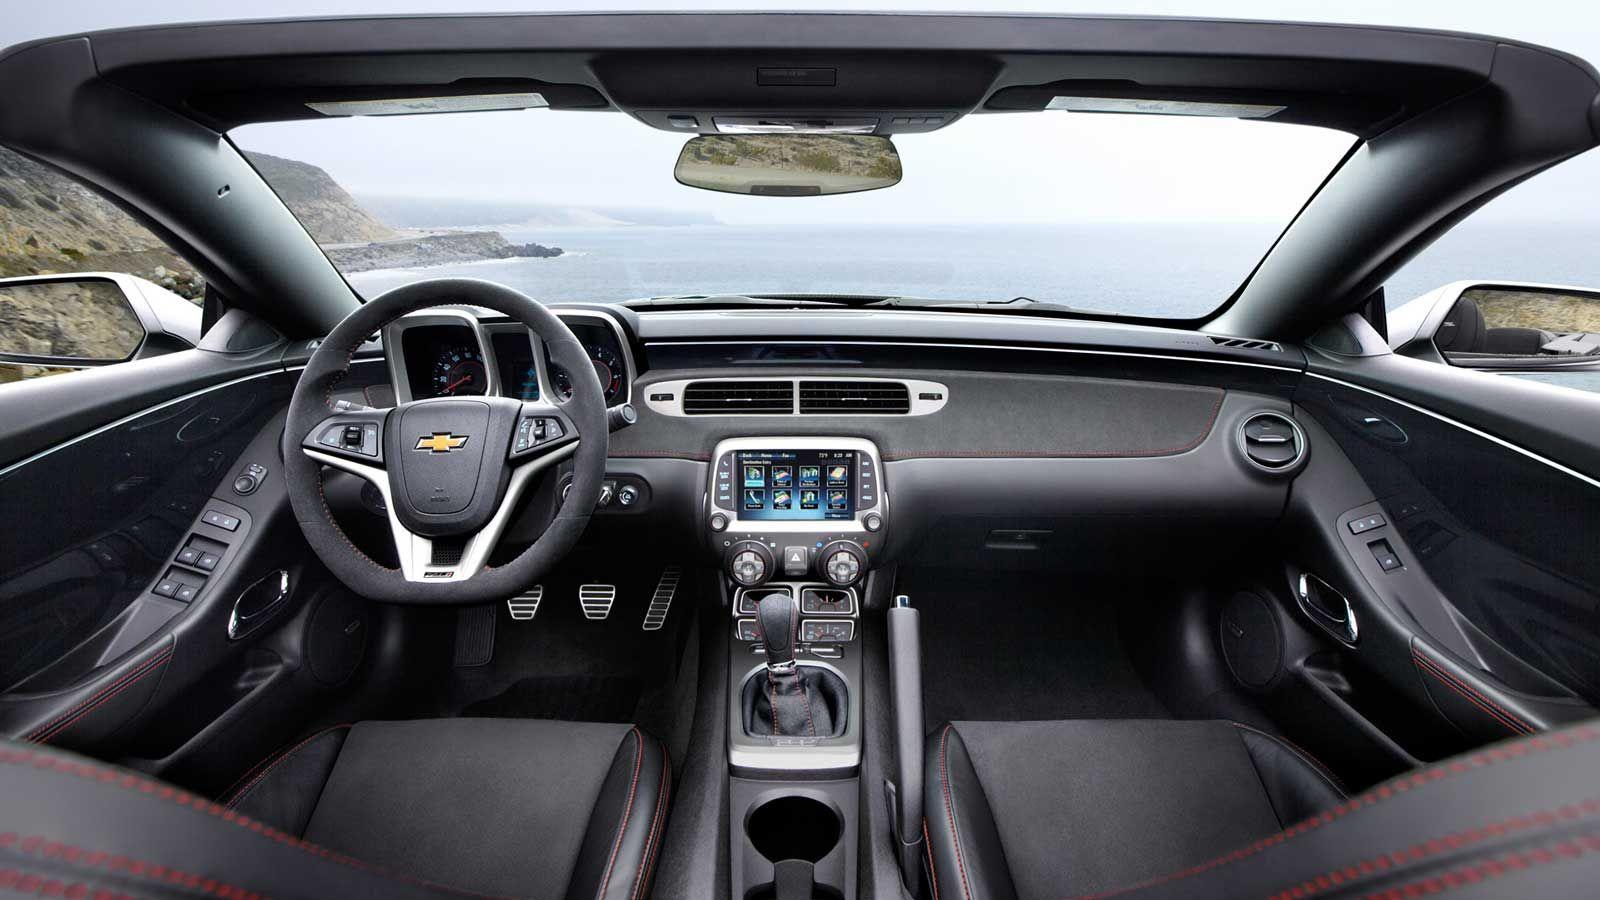 chevrolet camaro interior 2013 chevrolet camaro interior 20 crossroads car pinterest. Black Bedroom Furniture Sets. Home Design Ideas